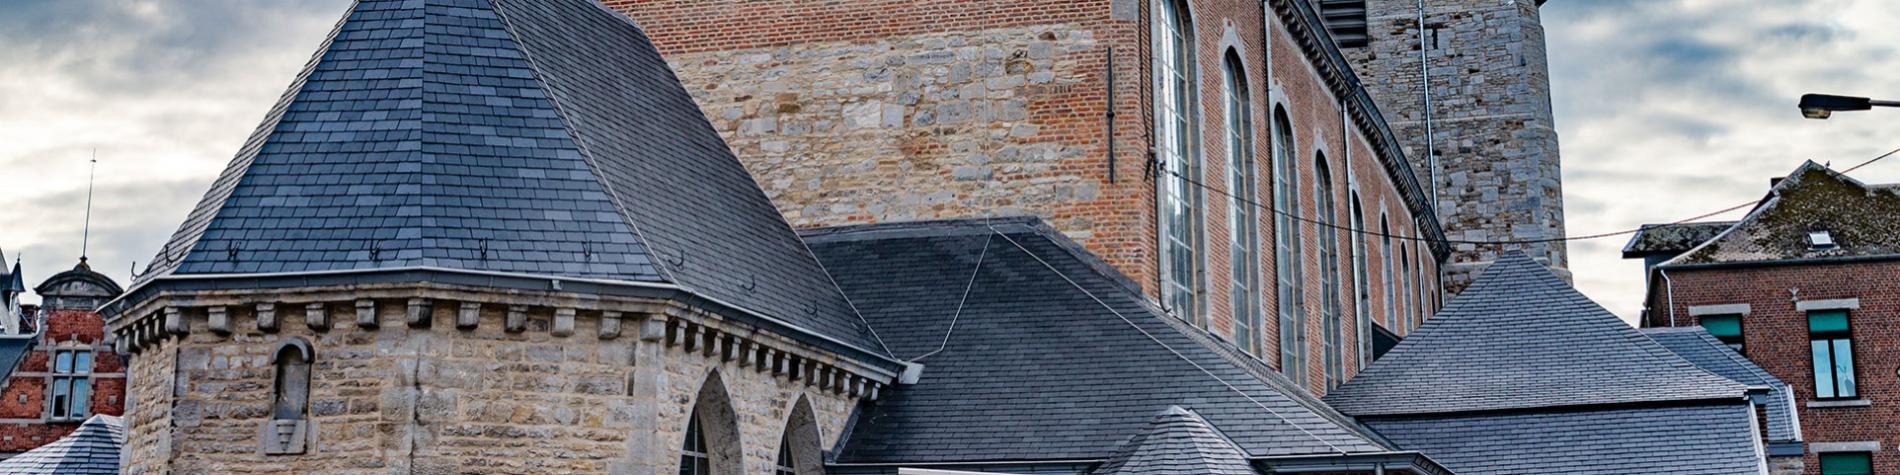 Collégiale - Saint-Feuillen - Fosses-la-Ville